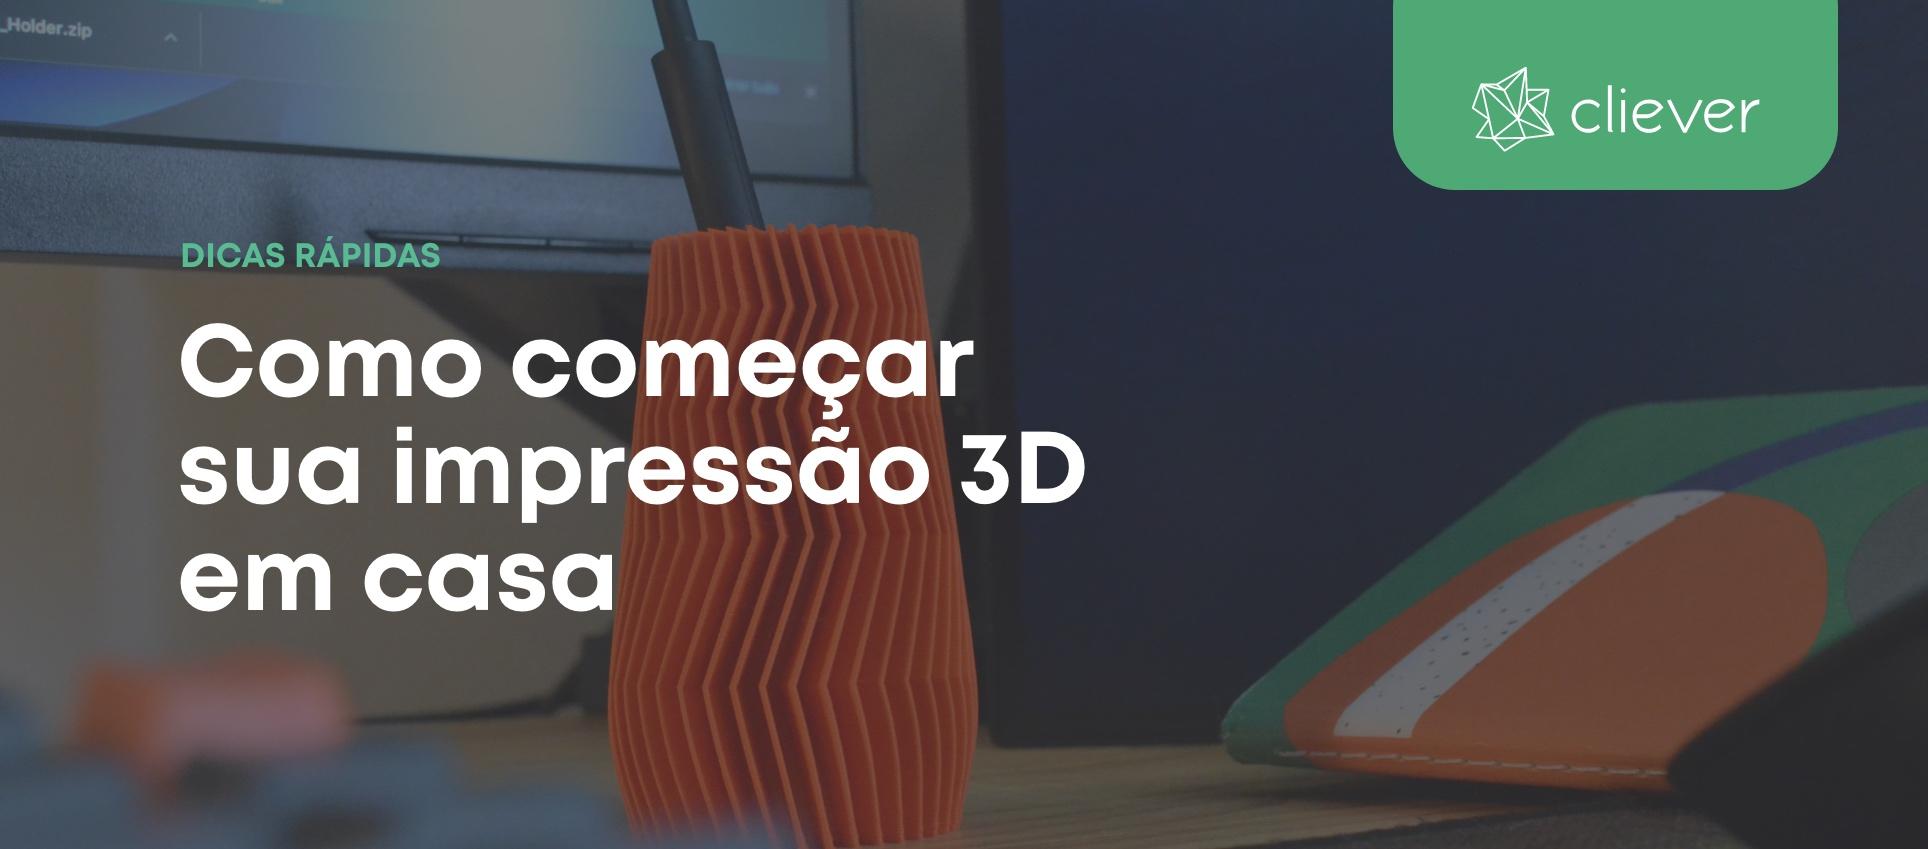 Impressão 3D em casa: dicas rápidas para começar